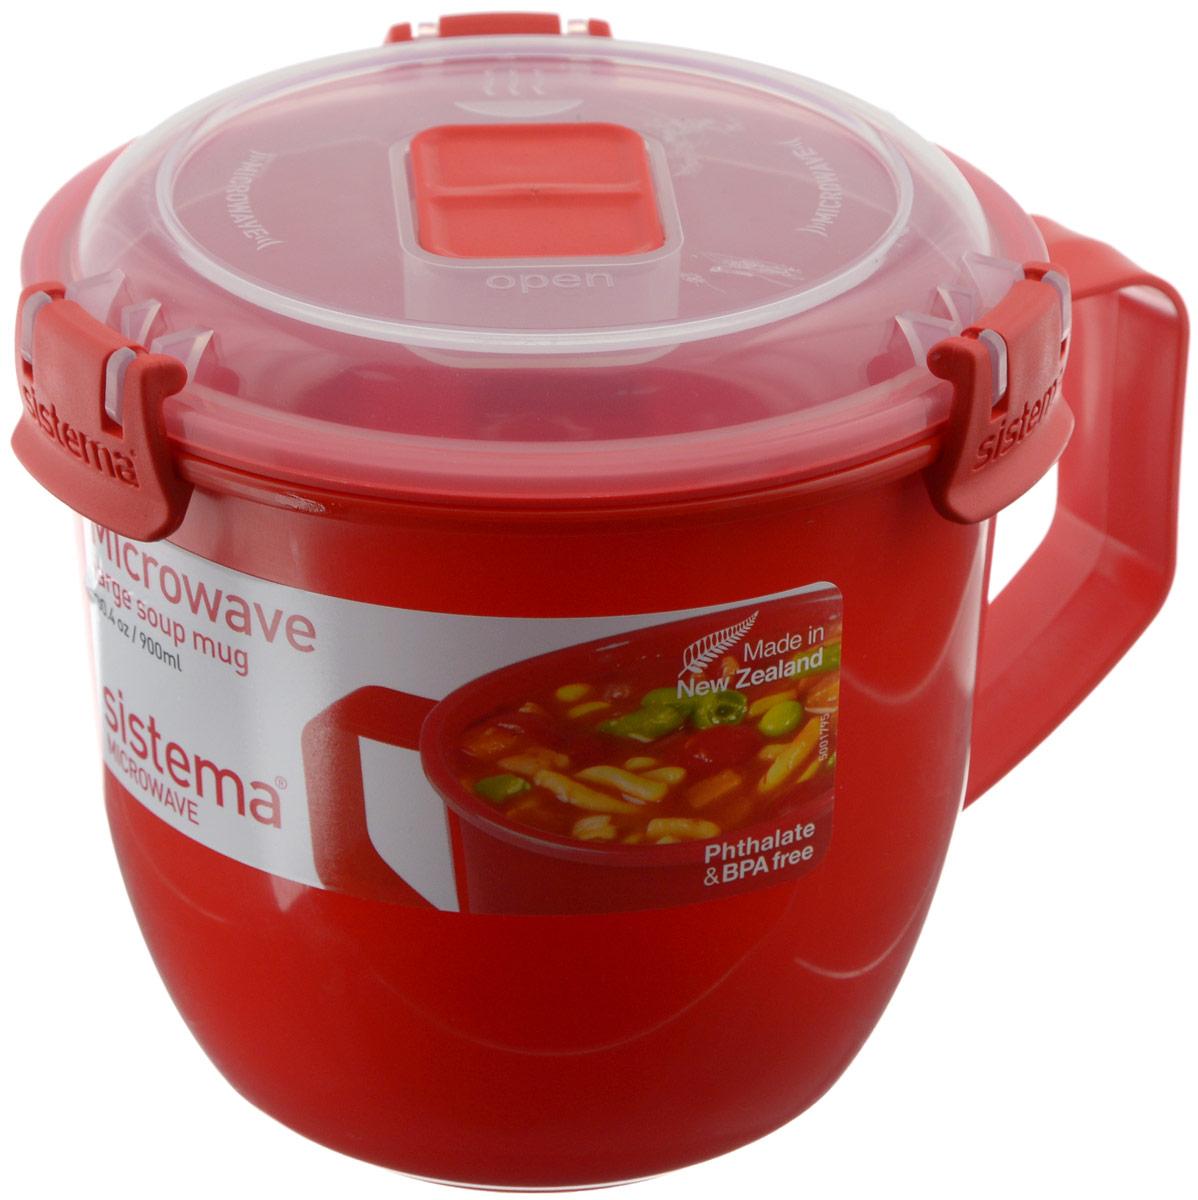 Кружка суповая Sistema Microwave, цвет: красный, 900 мл1141Кружка суповая Sistema Microwave создана для людей ведущих активный образ жизни. Кружка, с надежной защитой от протечек, позволит взять с собой горячий суп на пикник, в офис или в поездку. На крышке имеется силиконовая прокладка, который способствует герметичному закрыванию.Контейнер оснащен фиксирующимися зажимами – клипсами, которые при необходимости можно заменить.Можно мыть в посудомоечной машине.Объем кружки: 900 мл.